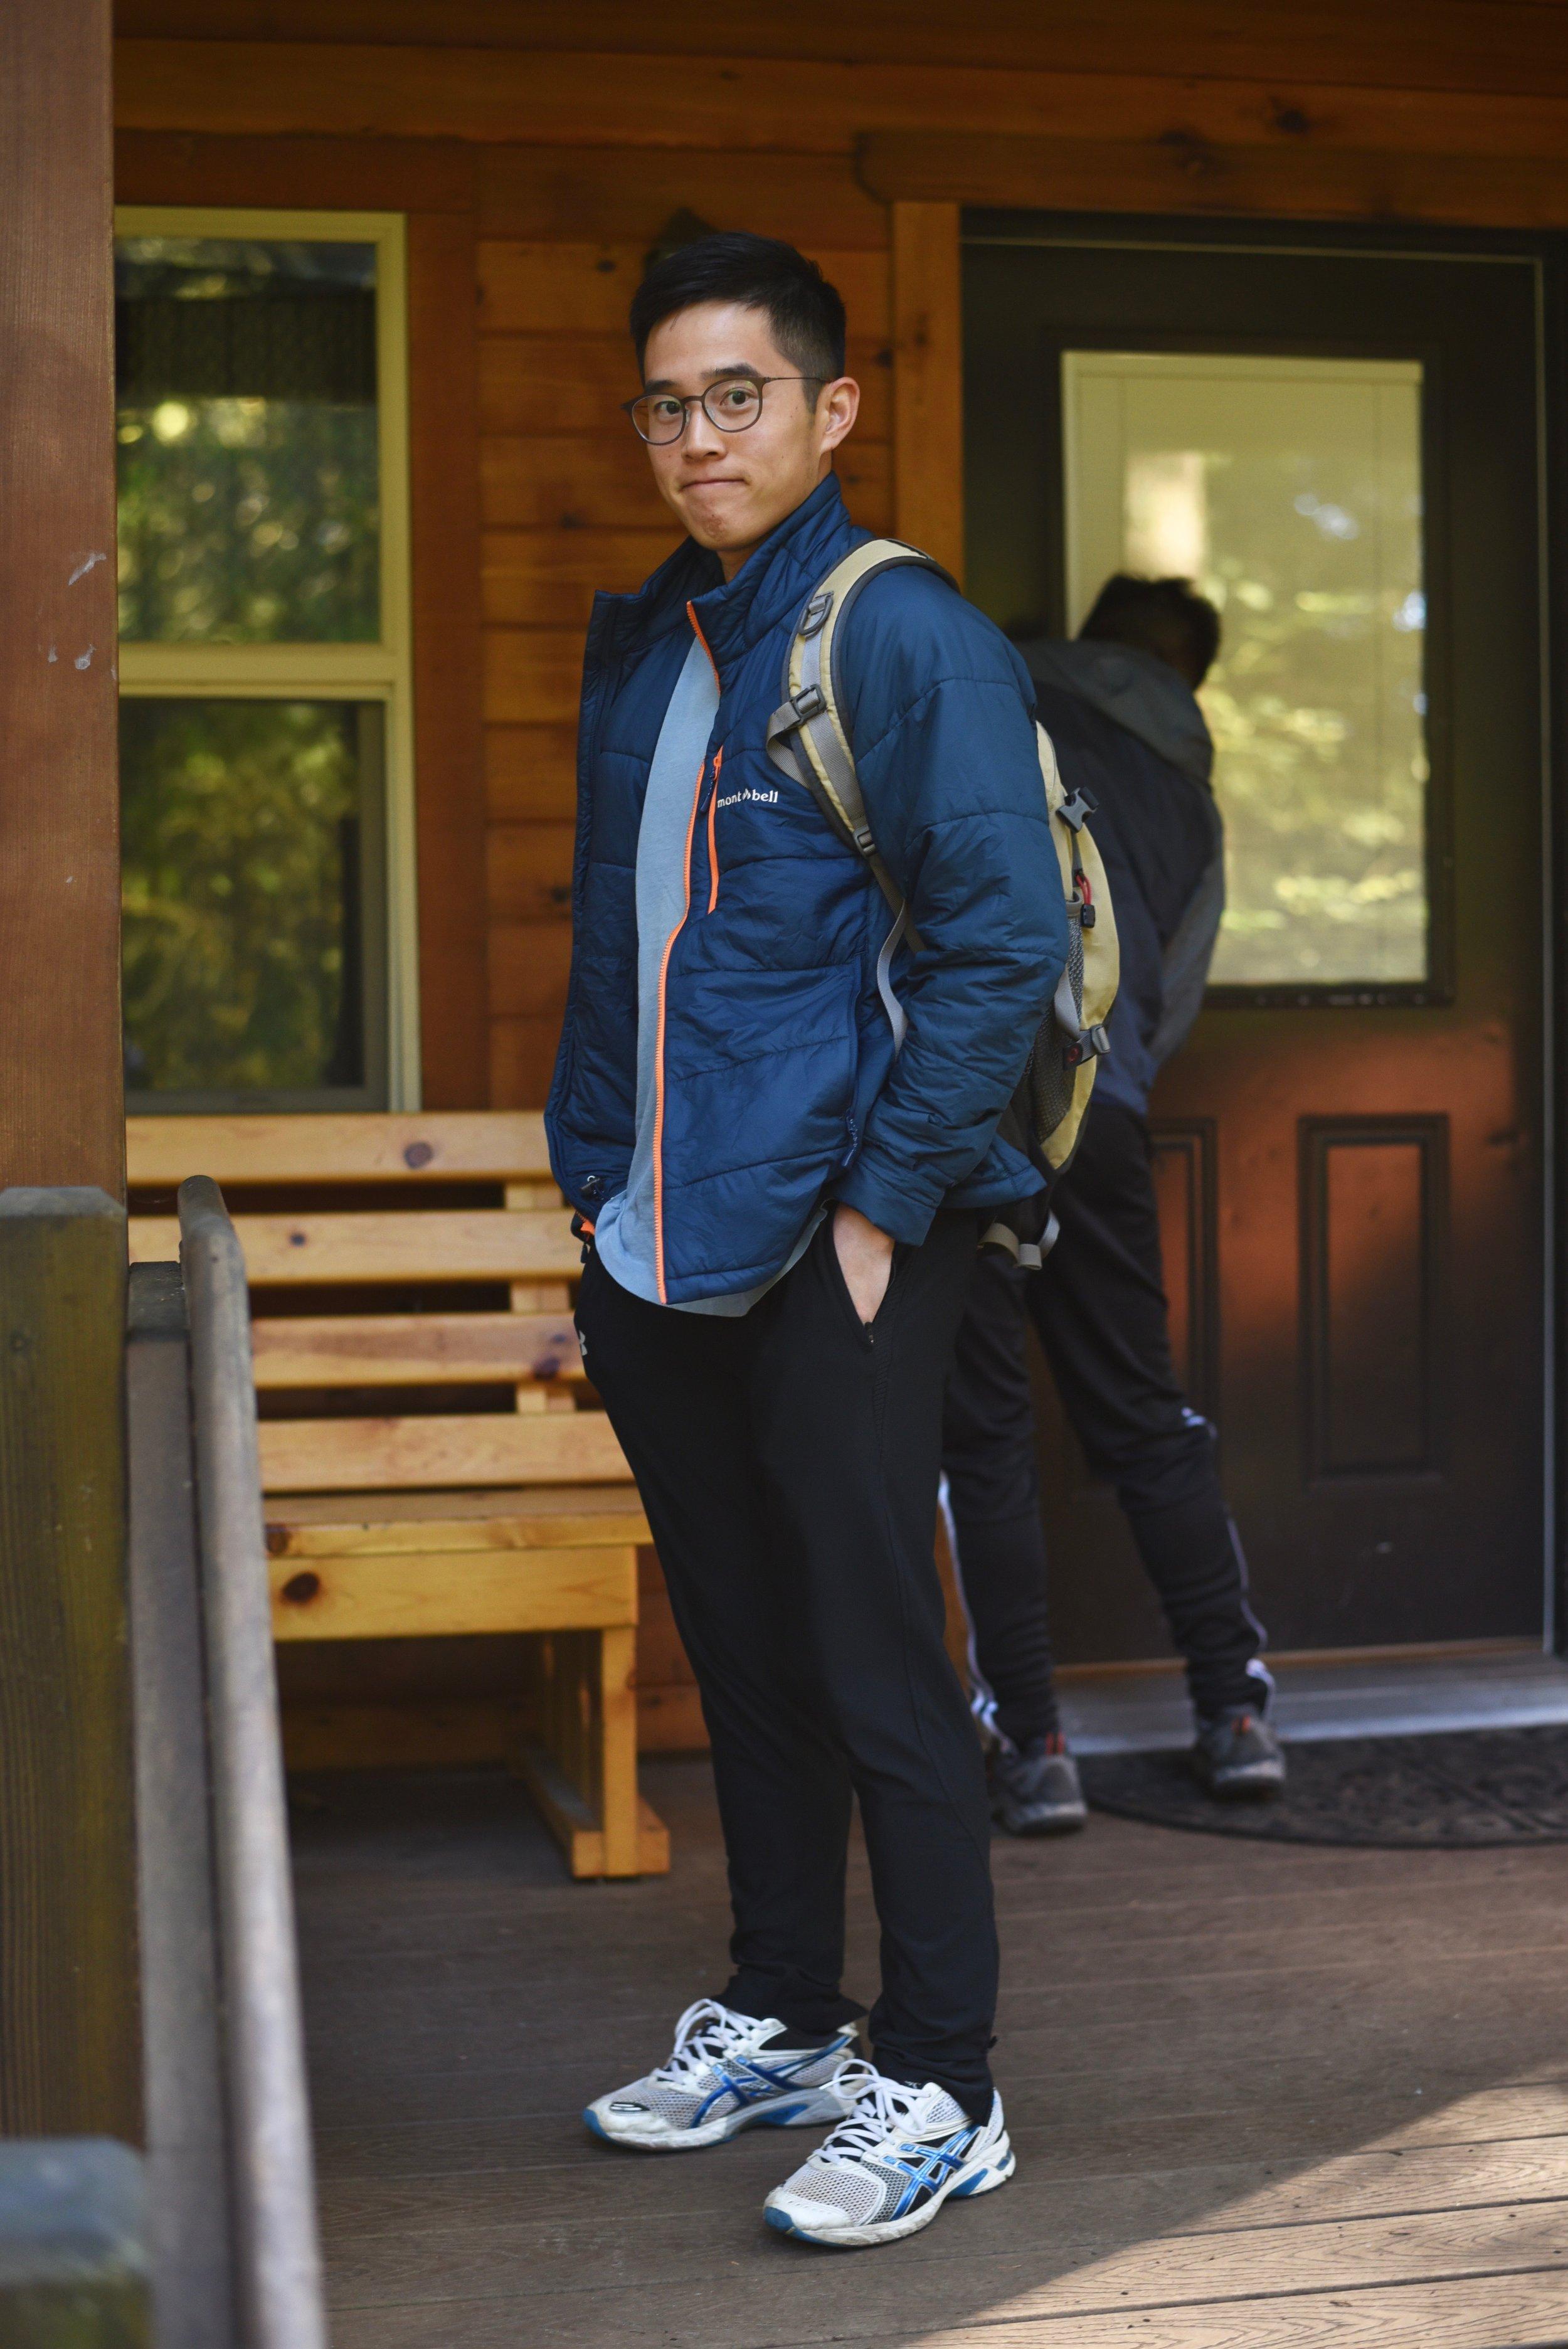 Hiking in Portland_DSC_9604.jpg